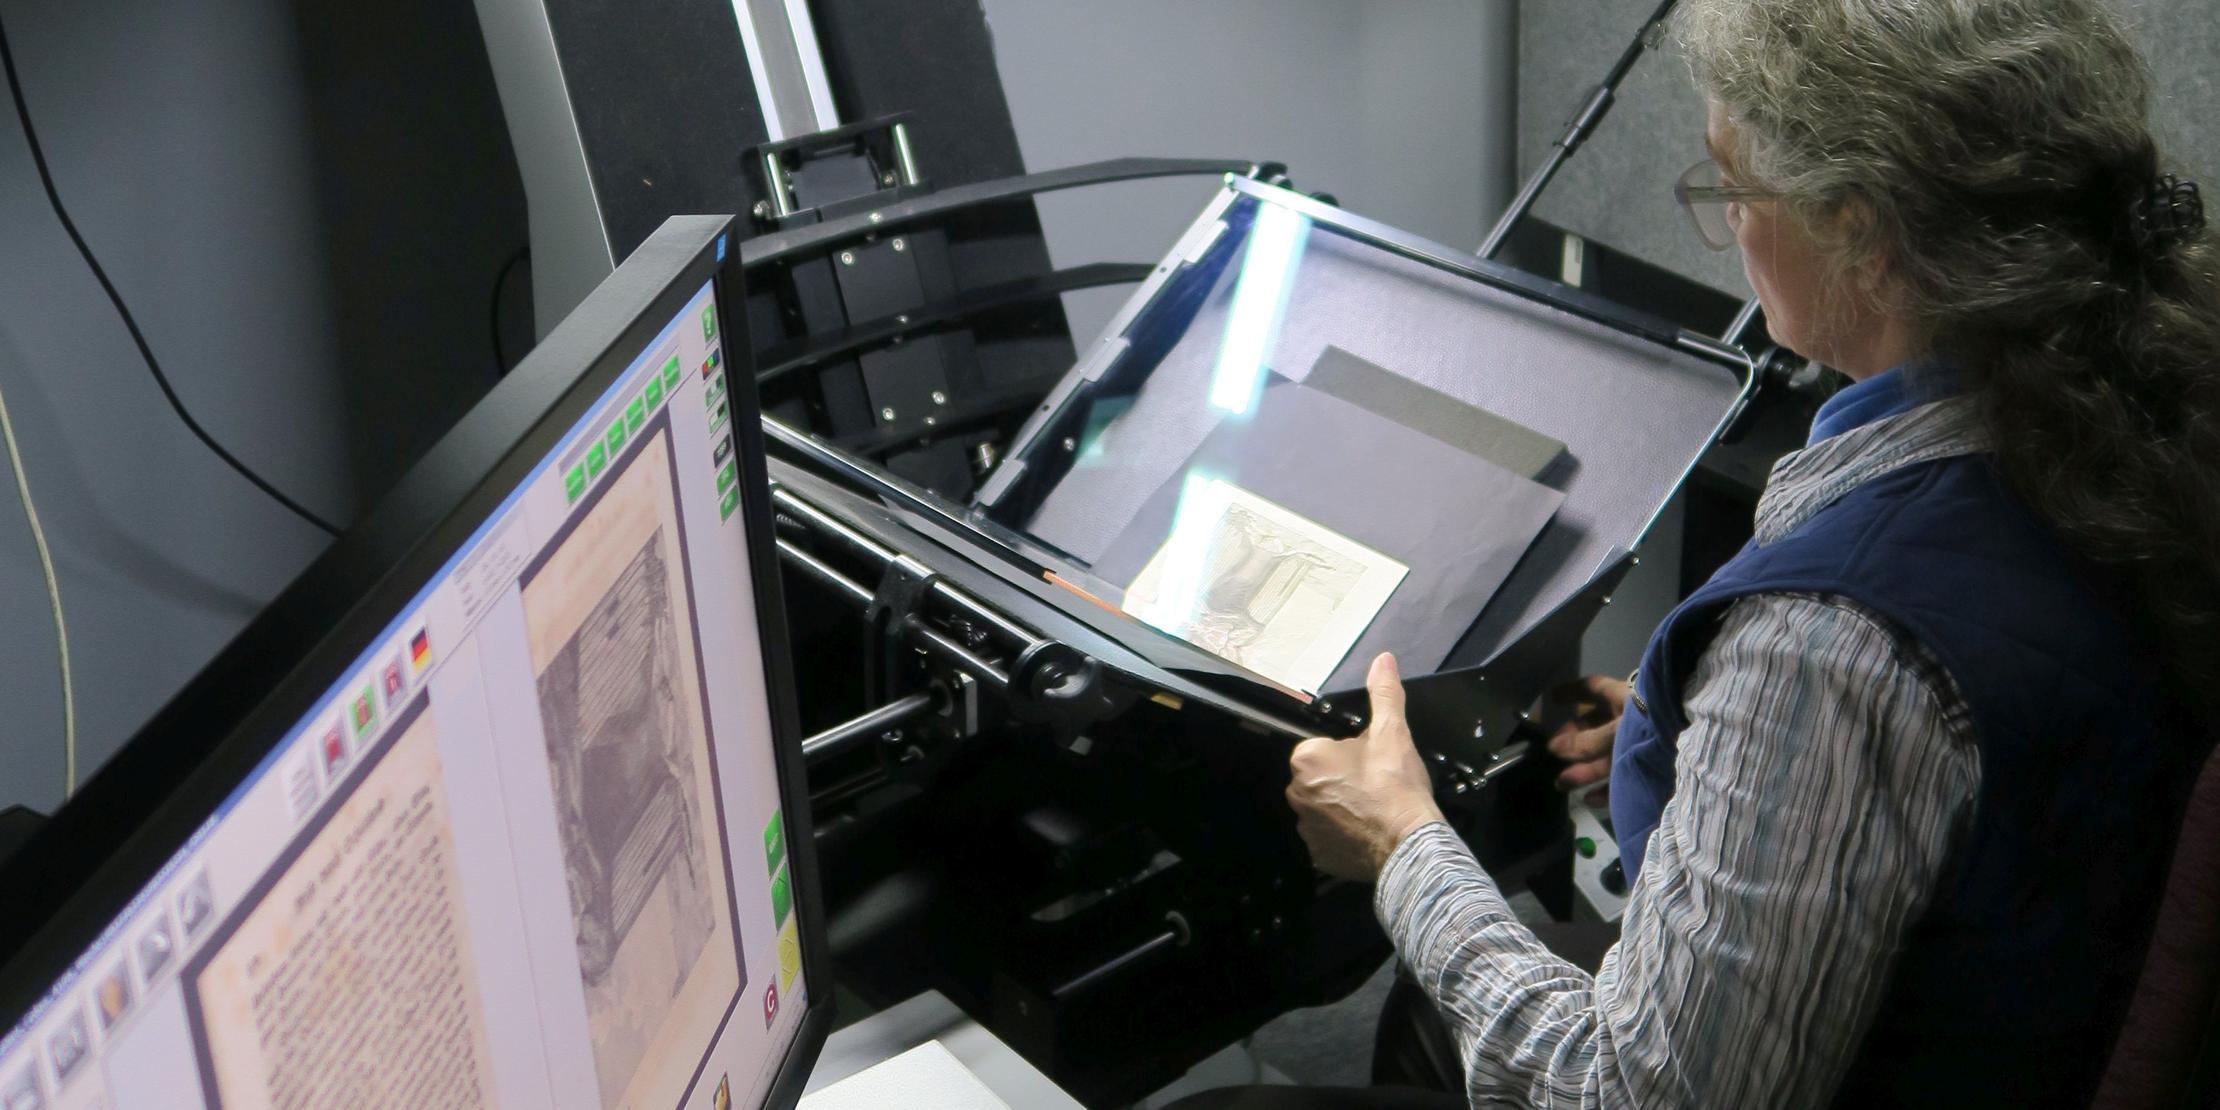 Forschung und Digitalisierung